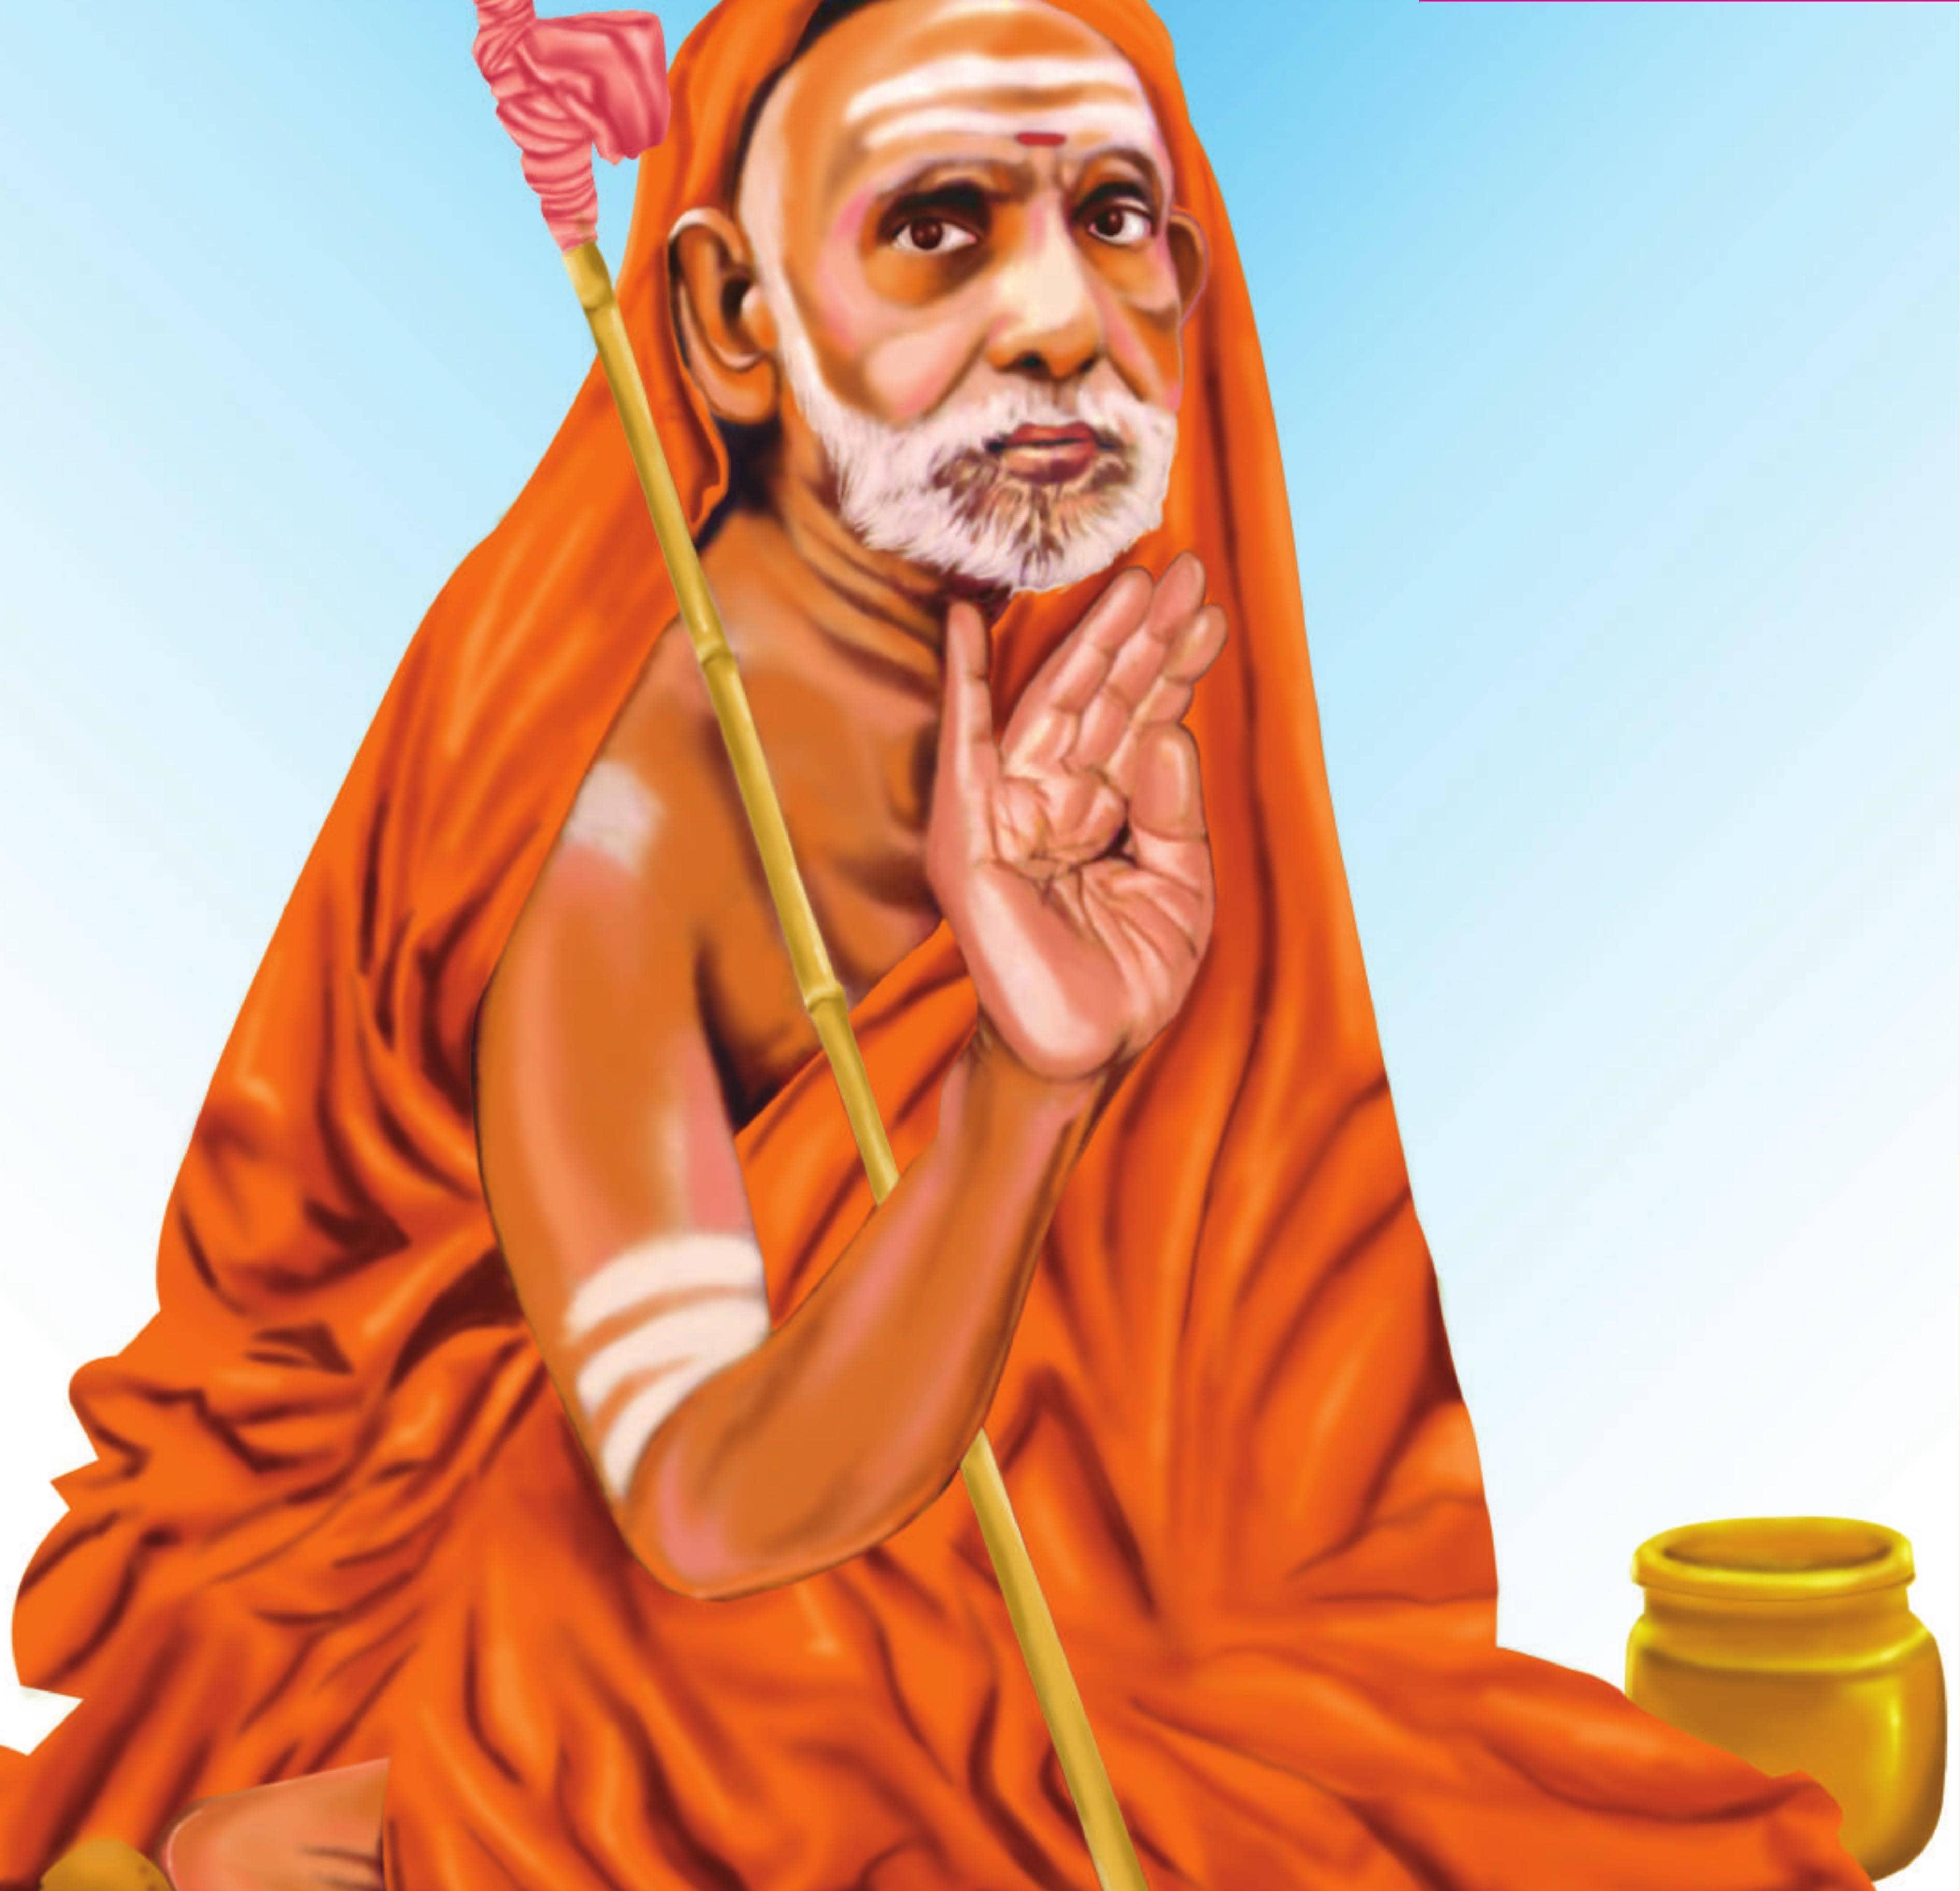 அறிவு கடந்த சாஸ்திர விதி